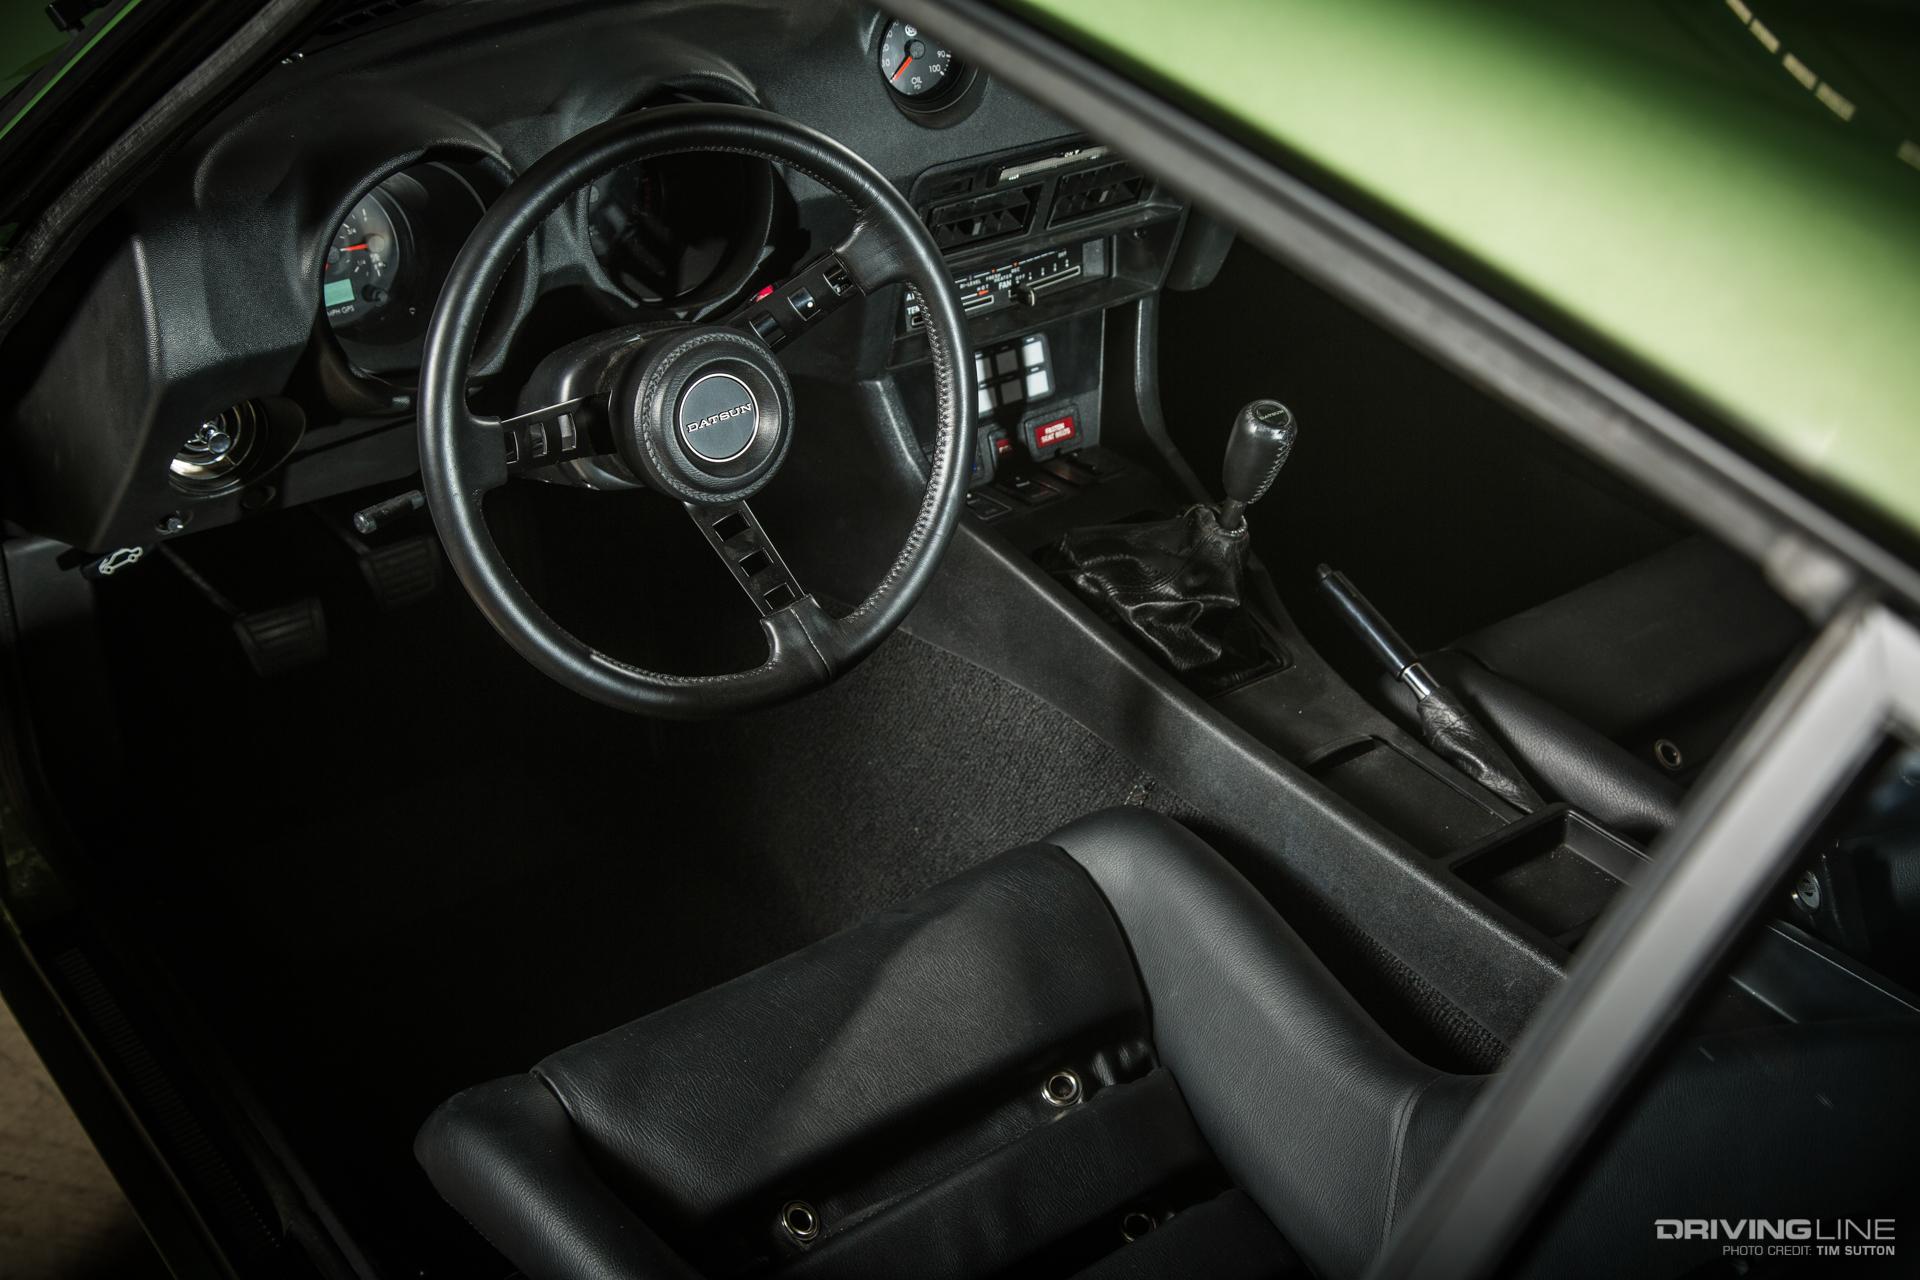 Fair Lady Gas Monkey Garage X Big Mike Datsun Z Drivingline